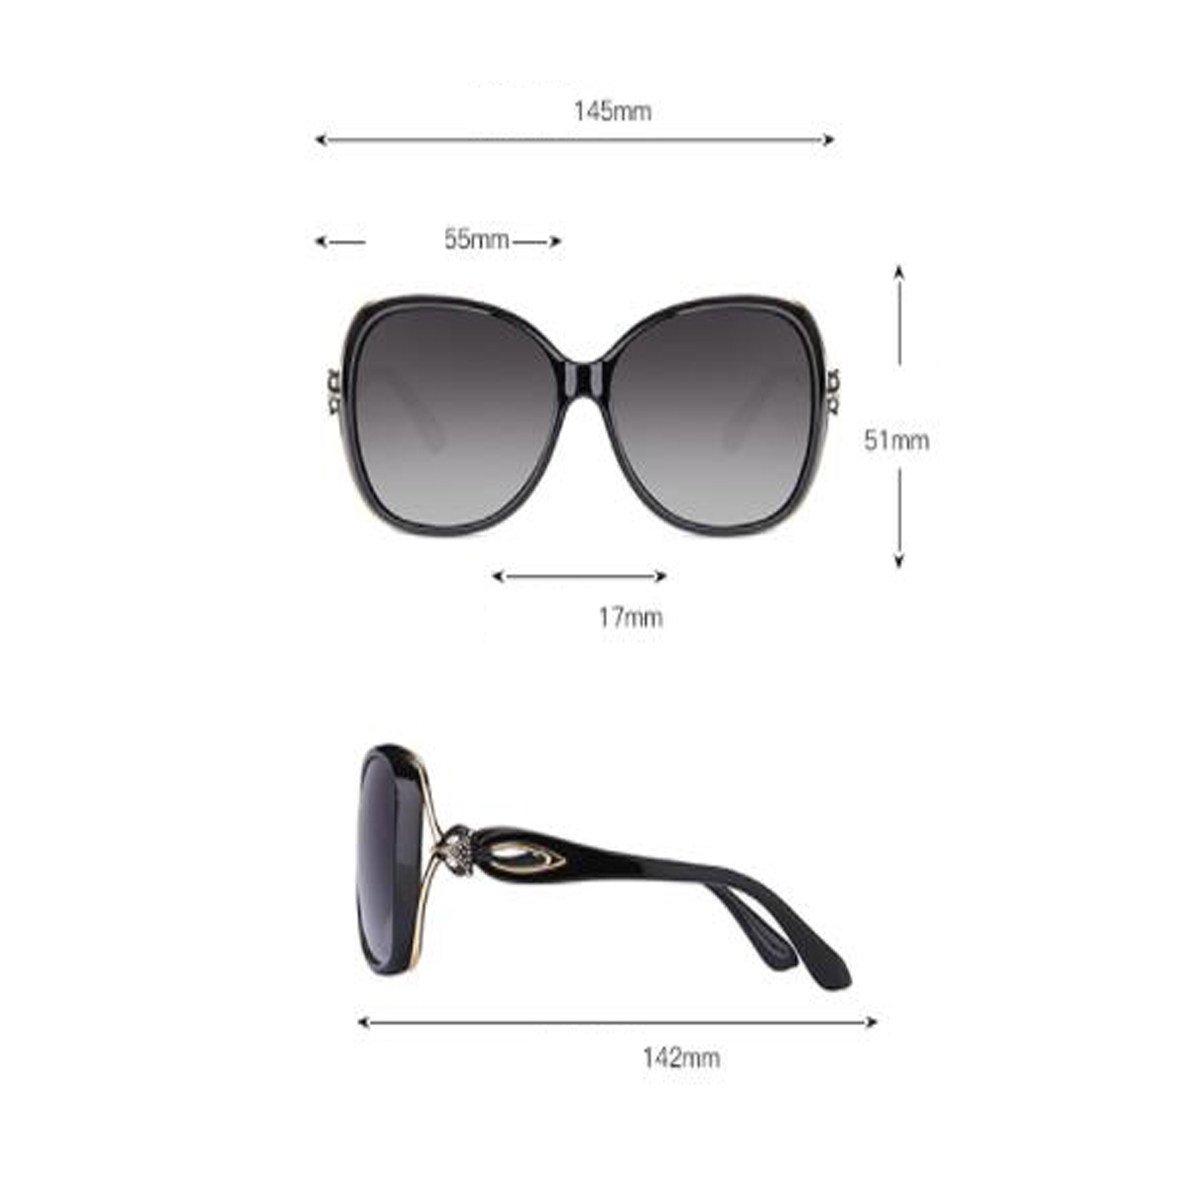 LQQAZY Gafas De Sol Polarizadas Hembra Cara Redonda Caja Grande Gafas De Sol Marea Personalidad Elegante Gafas Retro,Black: Amazon.es: Jardín